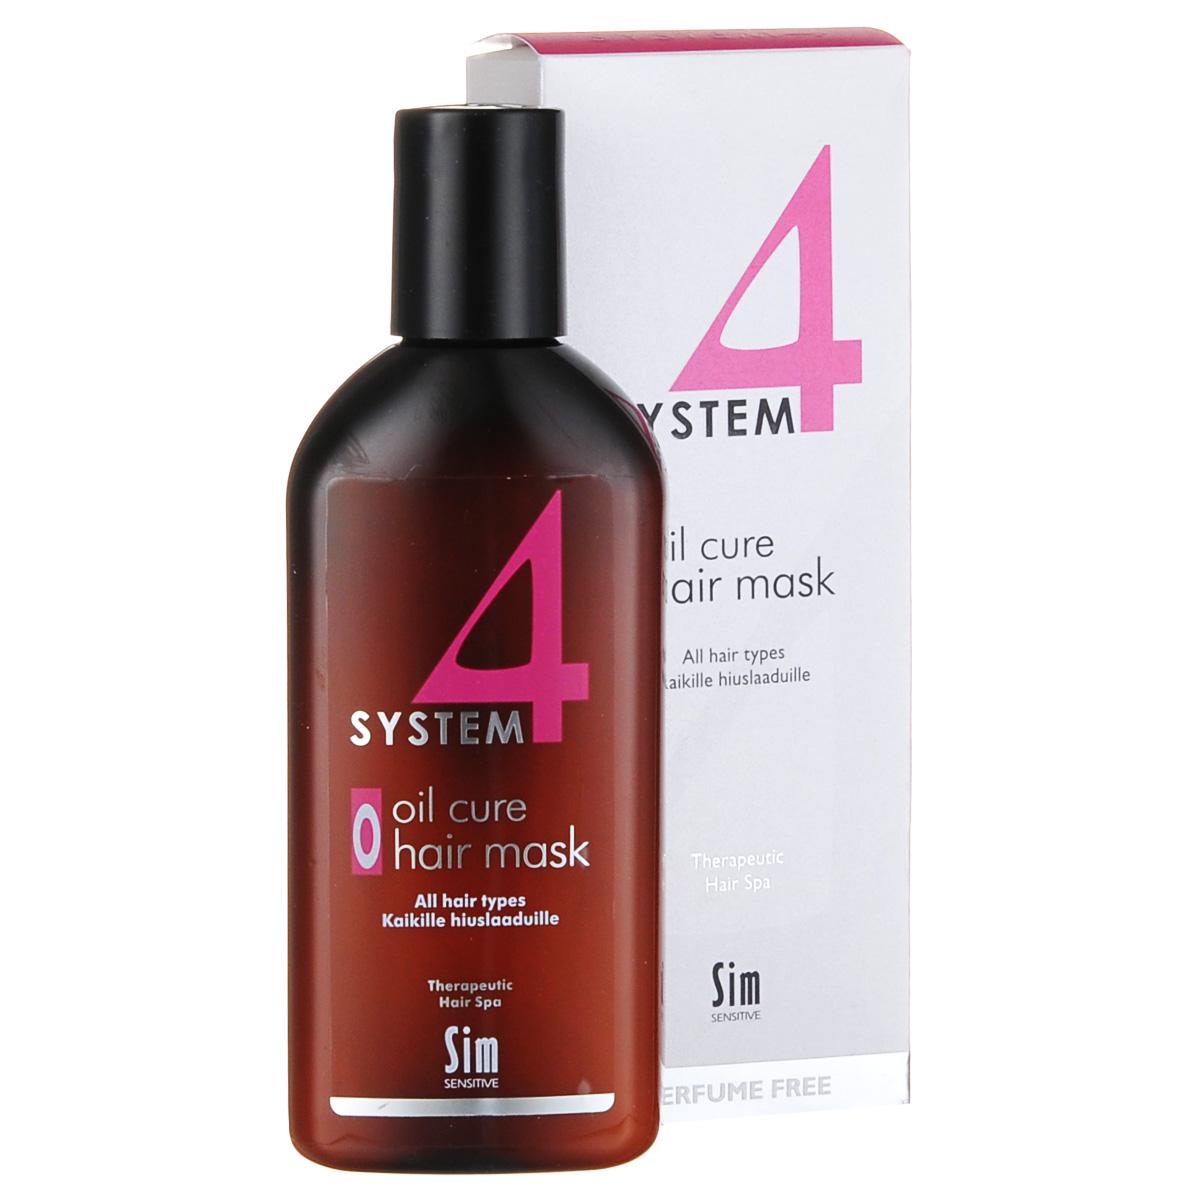 SIM SENSITIVE Терапевтическая маска О SYSTEM 4 Oil Cure Hair Mask «O» , 215 млMP59.4DКАК РАБОТАЕТ:салициловая кислота работает как пилинг, глубоко очищая поверхность кожи головы от всего лишнего, а климбазол и пироктон оламин убивают грибок и восстанавливают микрофлору кожи головы. Таким образом, маска готовит кожу головы к «приему» питательных и стимулирующих веществ из био-ботанического шампуня и био-ботанической сыворотки, которые напрямую попадут в волосяные луковицы. Розмарин и ментол успокаивают кожу головы и стимулируют кровообращение.БОРЕТСЯ С:выпадением волос/редением волос перхотью грибком и бактериямираздражением кожи головы/зудом, псориазом, шелушением избыточным выделением кожного сала (себореей) плохой микроциркуляцией крови в коже головы